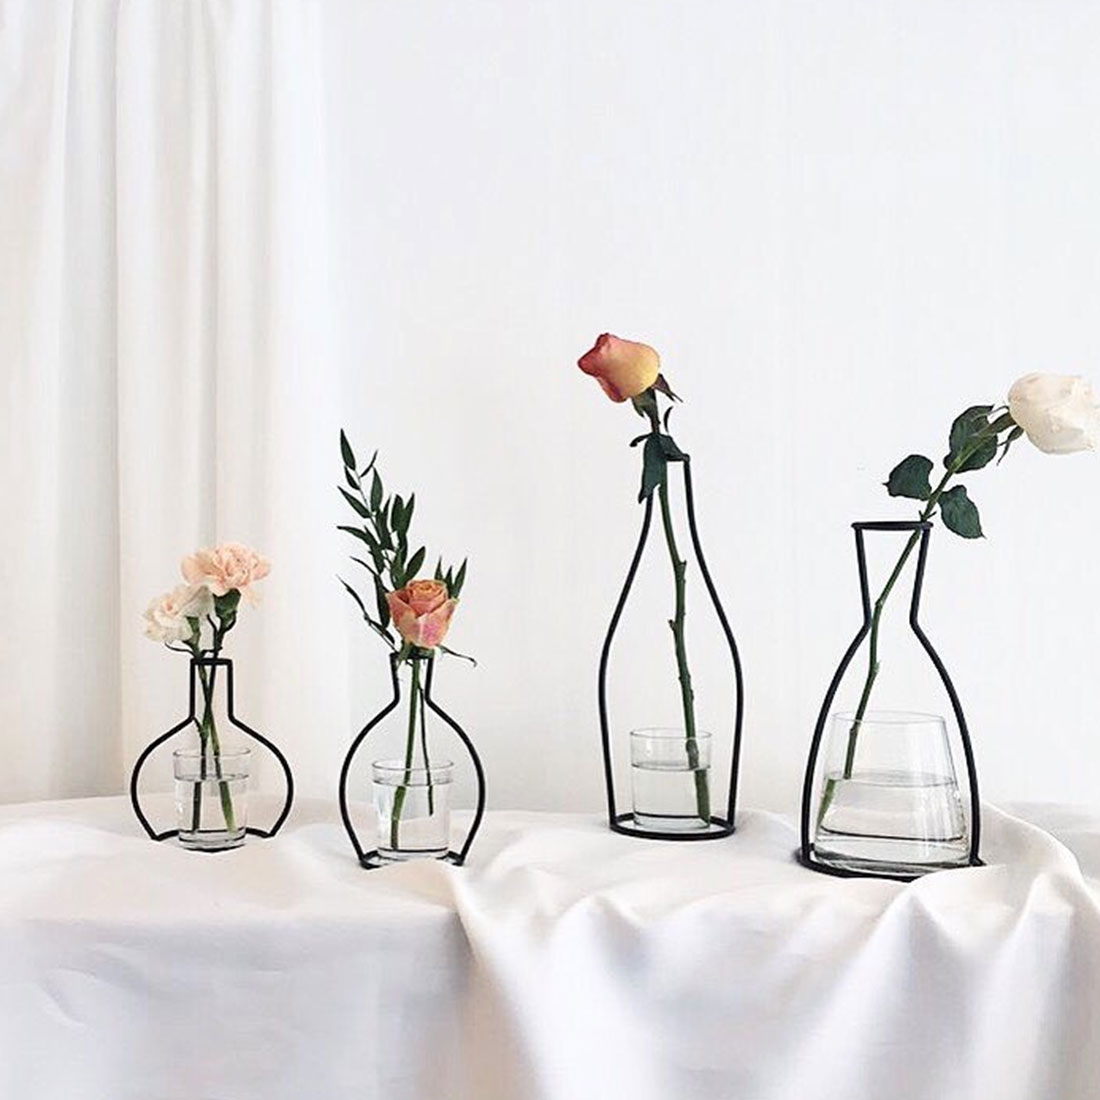 1 Stück Home Party Dekoration Vase Abstrakte Schwarz Linien Minimalistischen Abstrakte Eisen Vase Getrocknete Blume Vase Racks Nordic Blume Ornament